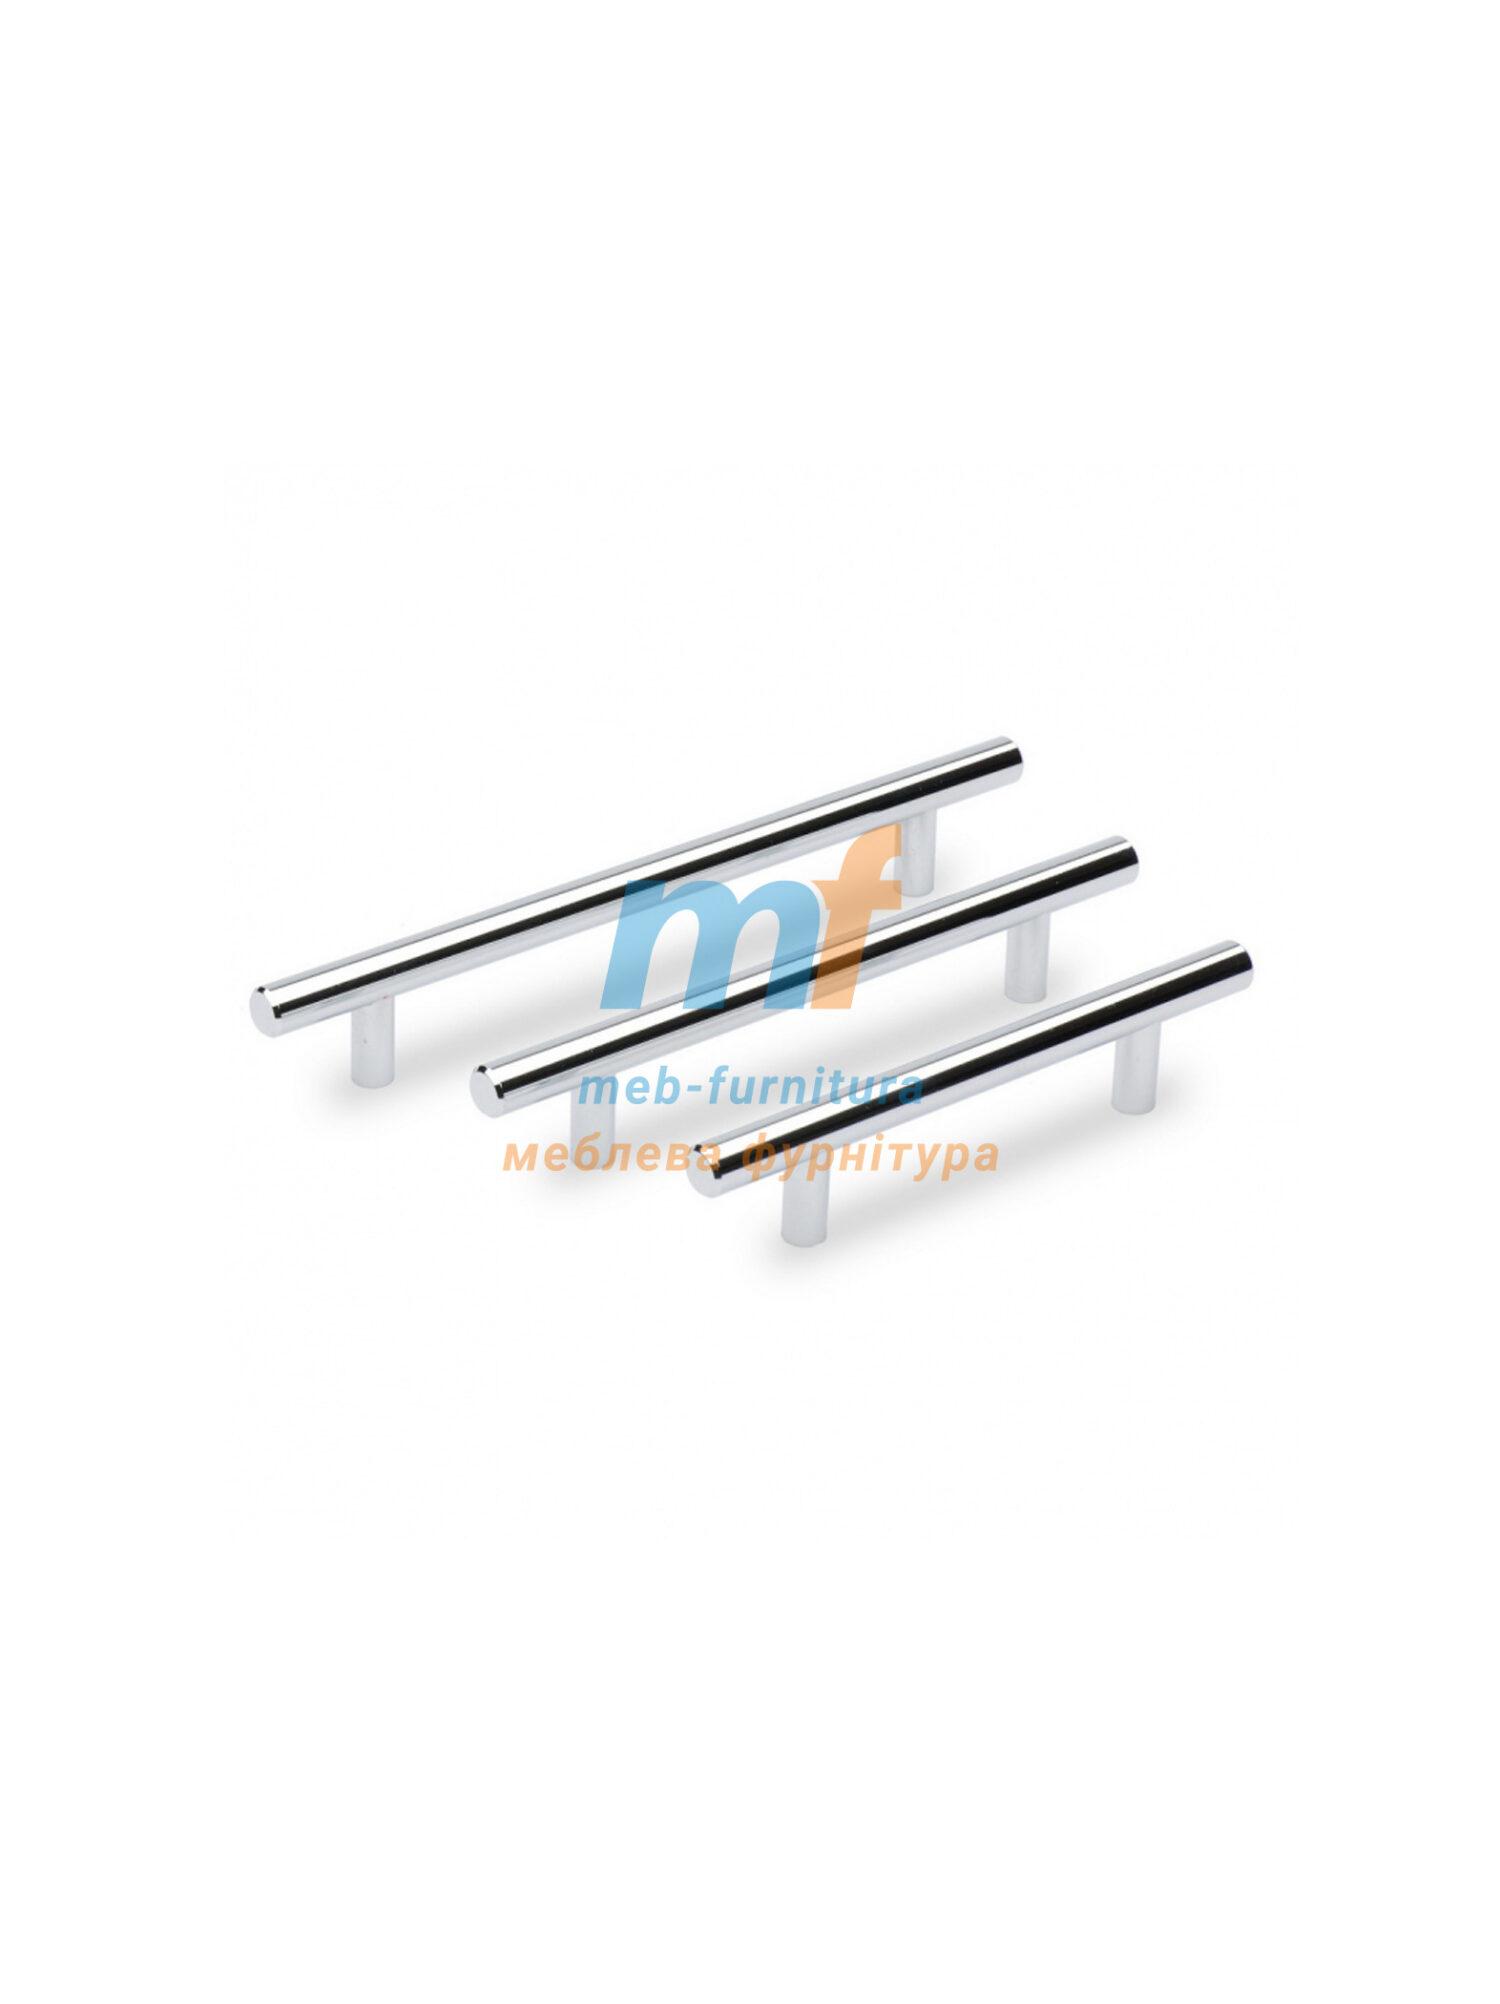 Ручка мебельная релинг 512мм - хром